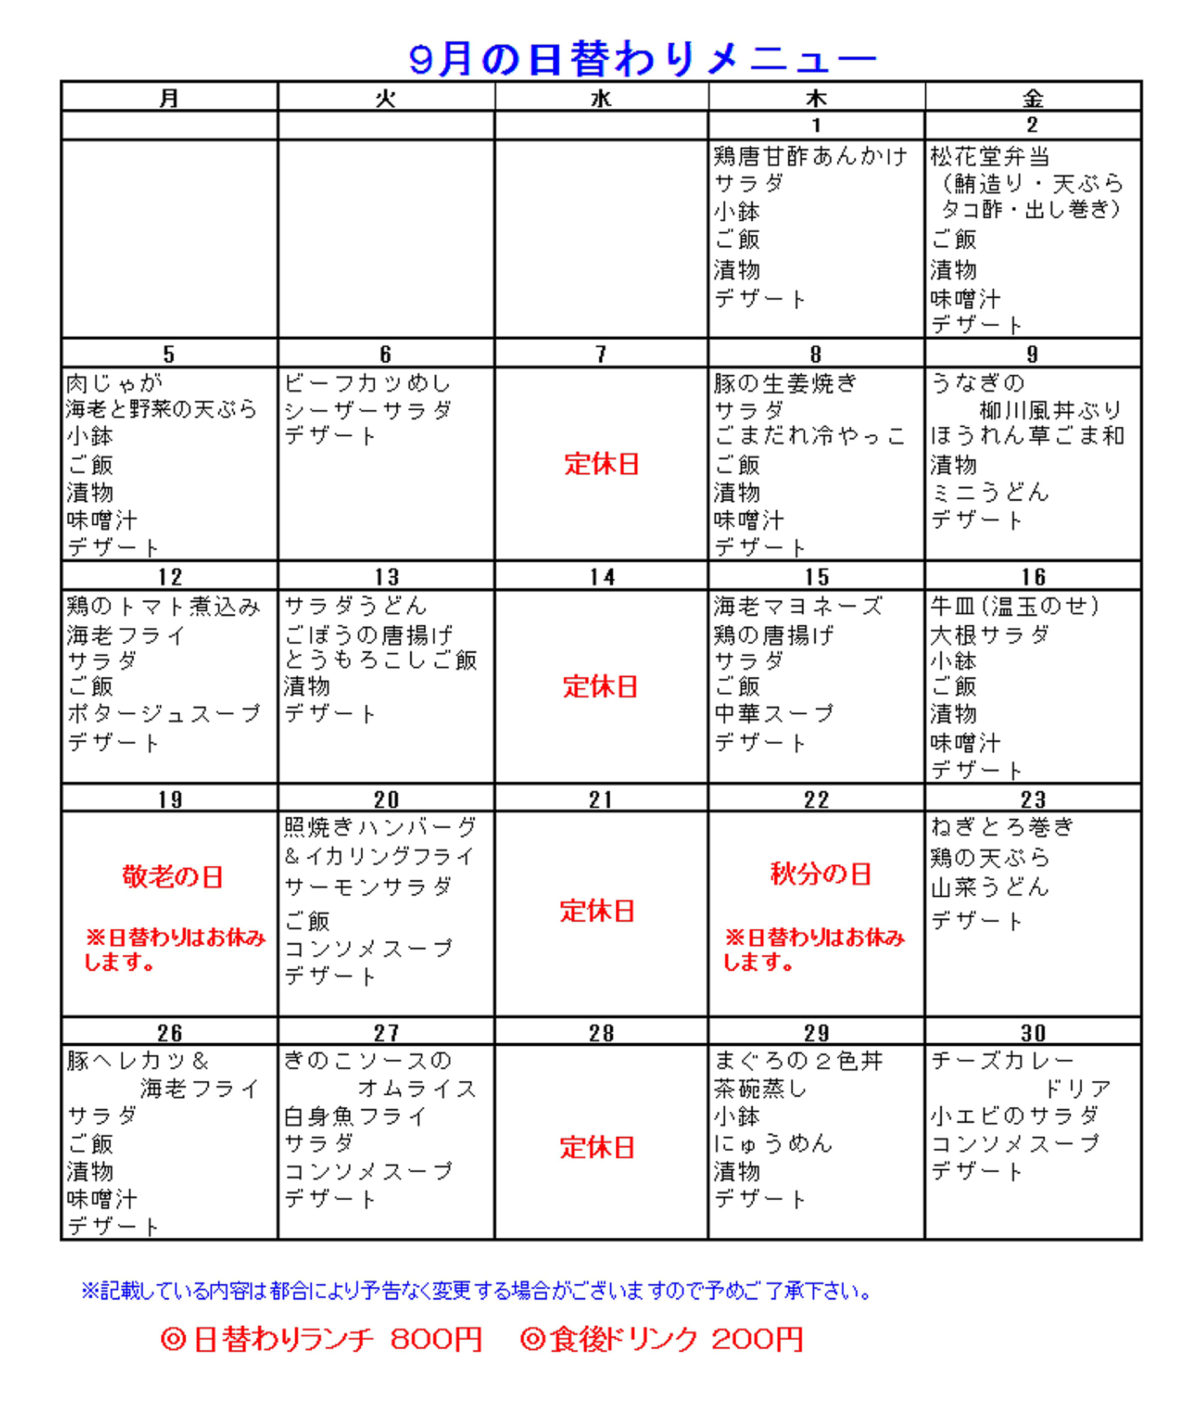 道の駅みなみ波賀 レストラン楓の里 9月日替わり定食